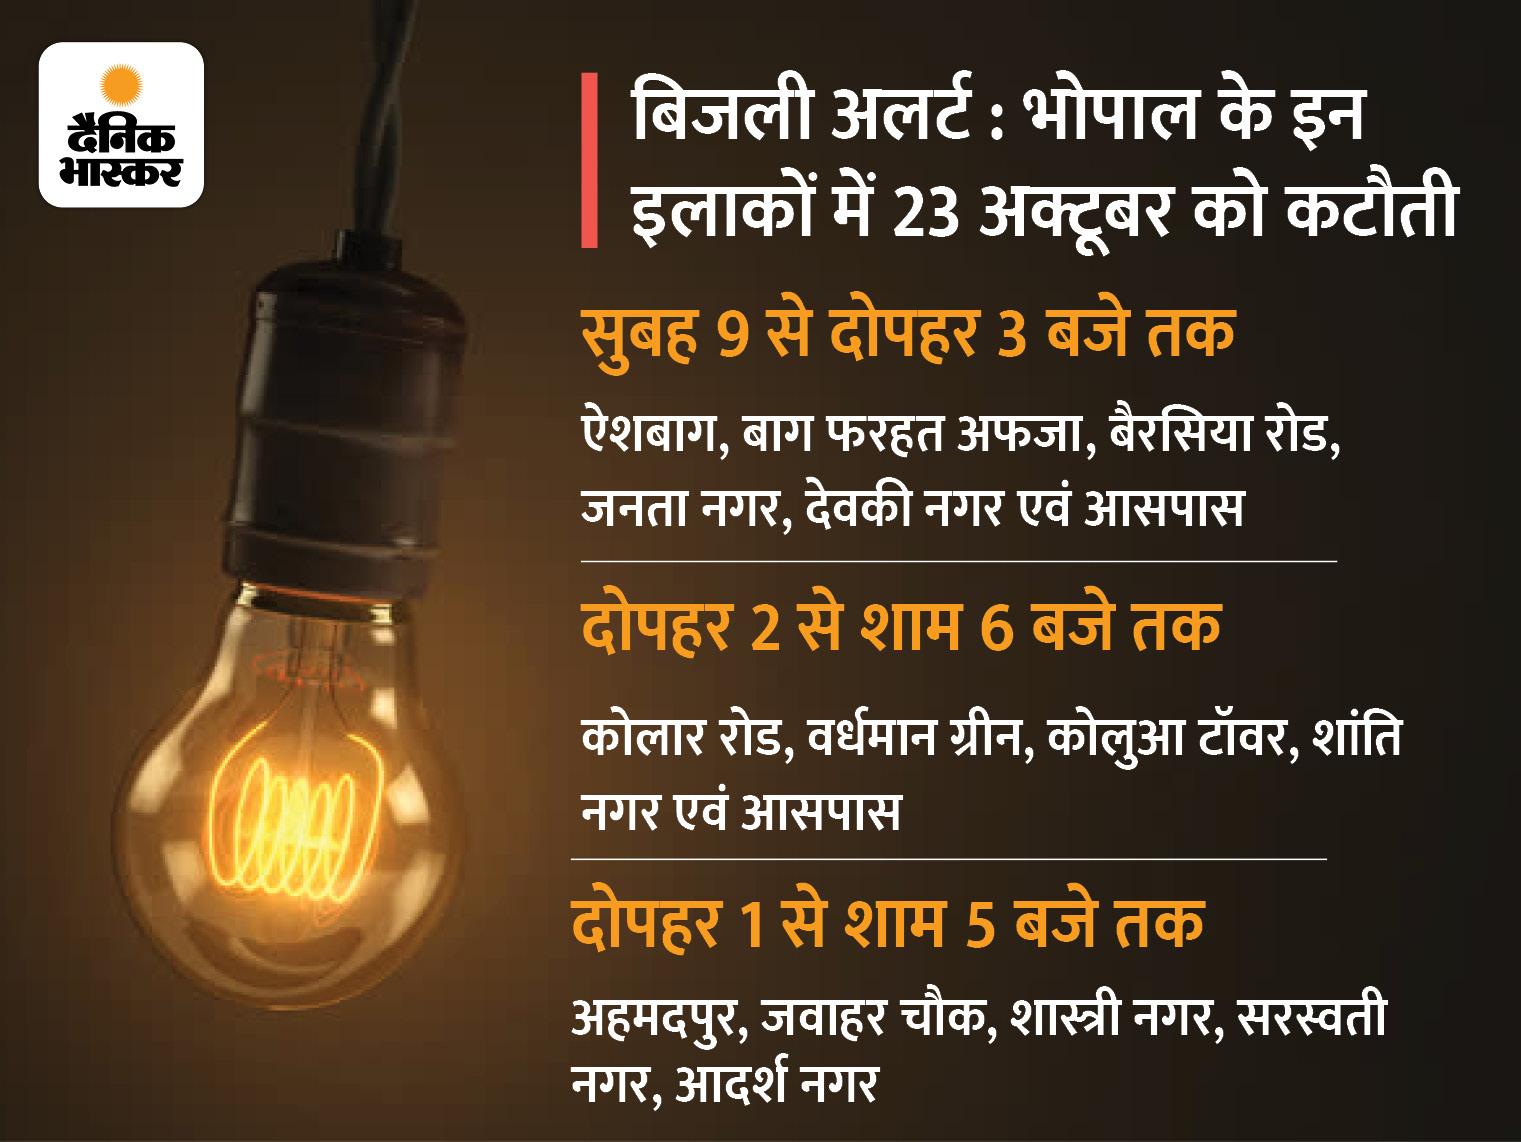 ऐशबाग, बैरसिया रोड, जनता नगर में 6, कोलार रोड, शांतिनगर, अहमदपुर और जवाहर चौक में 4 घंटे सप्लाई नहीं|भोपाल,Bhopal - Dainik Bhaskar